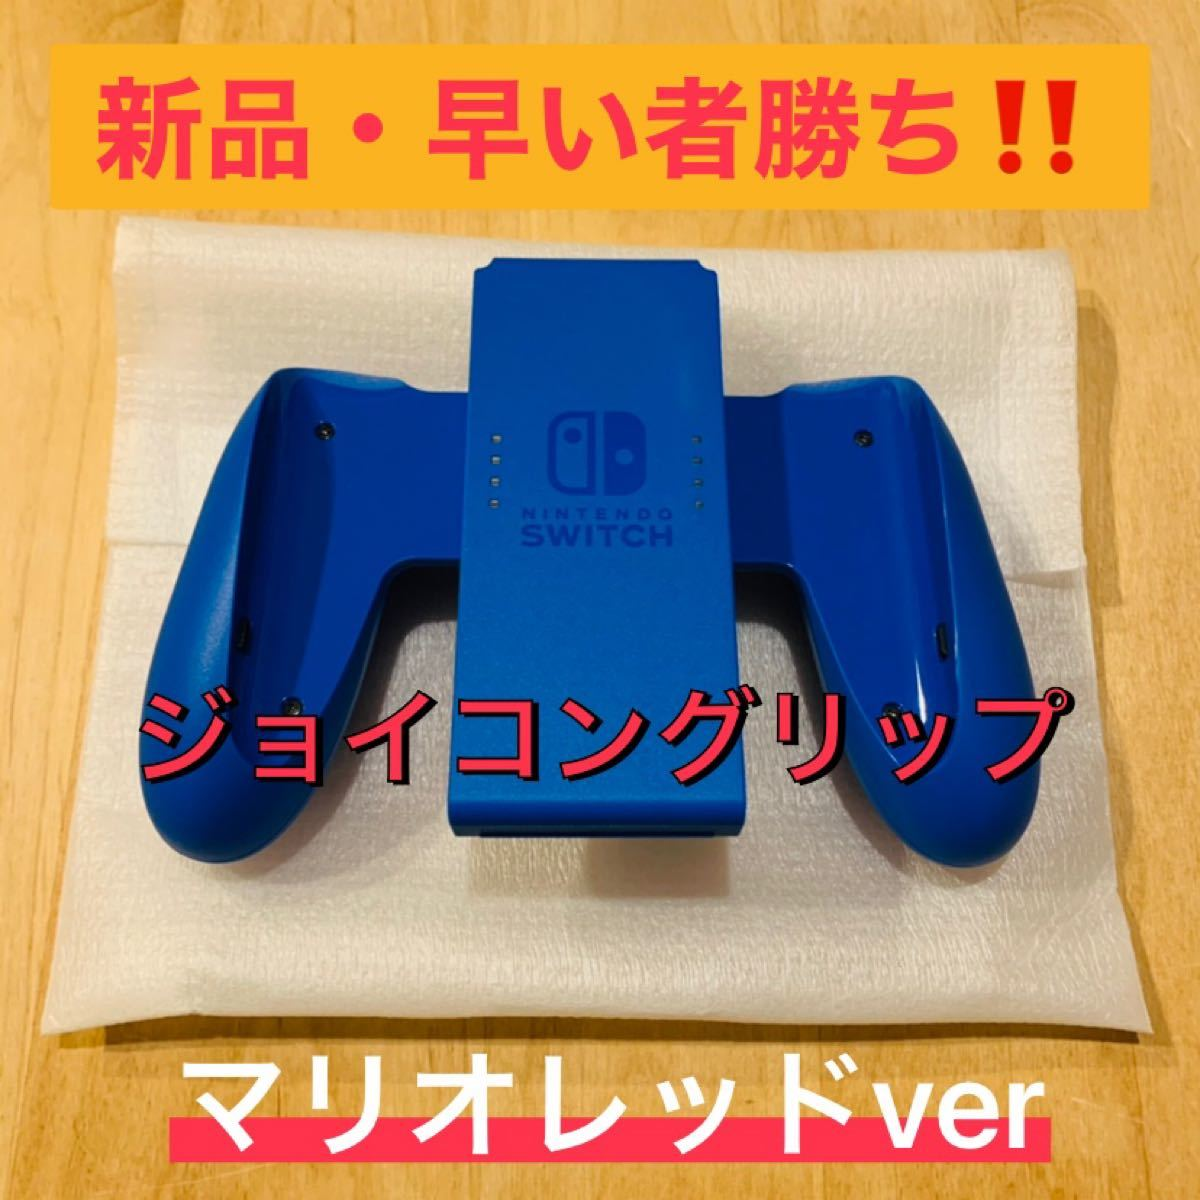 Nintendo Switch 純正 ジョイコンリップ Joy-Conグリップ